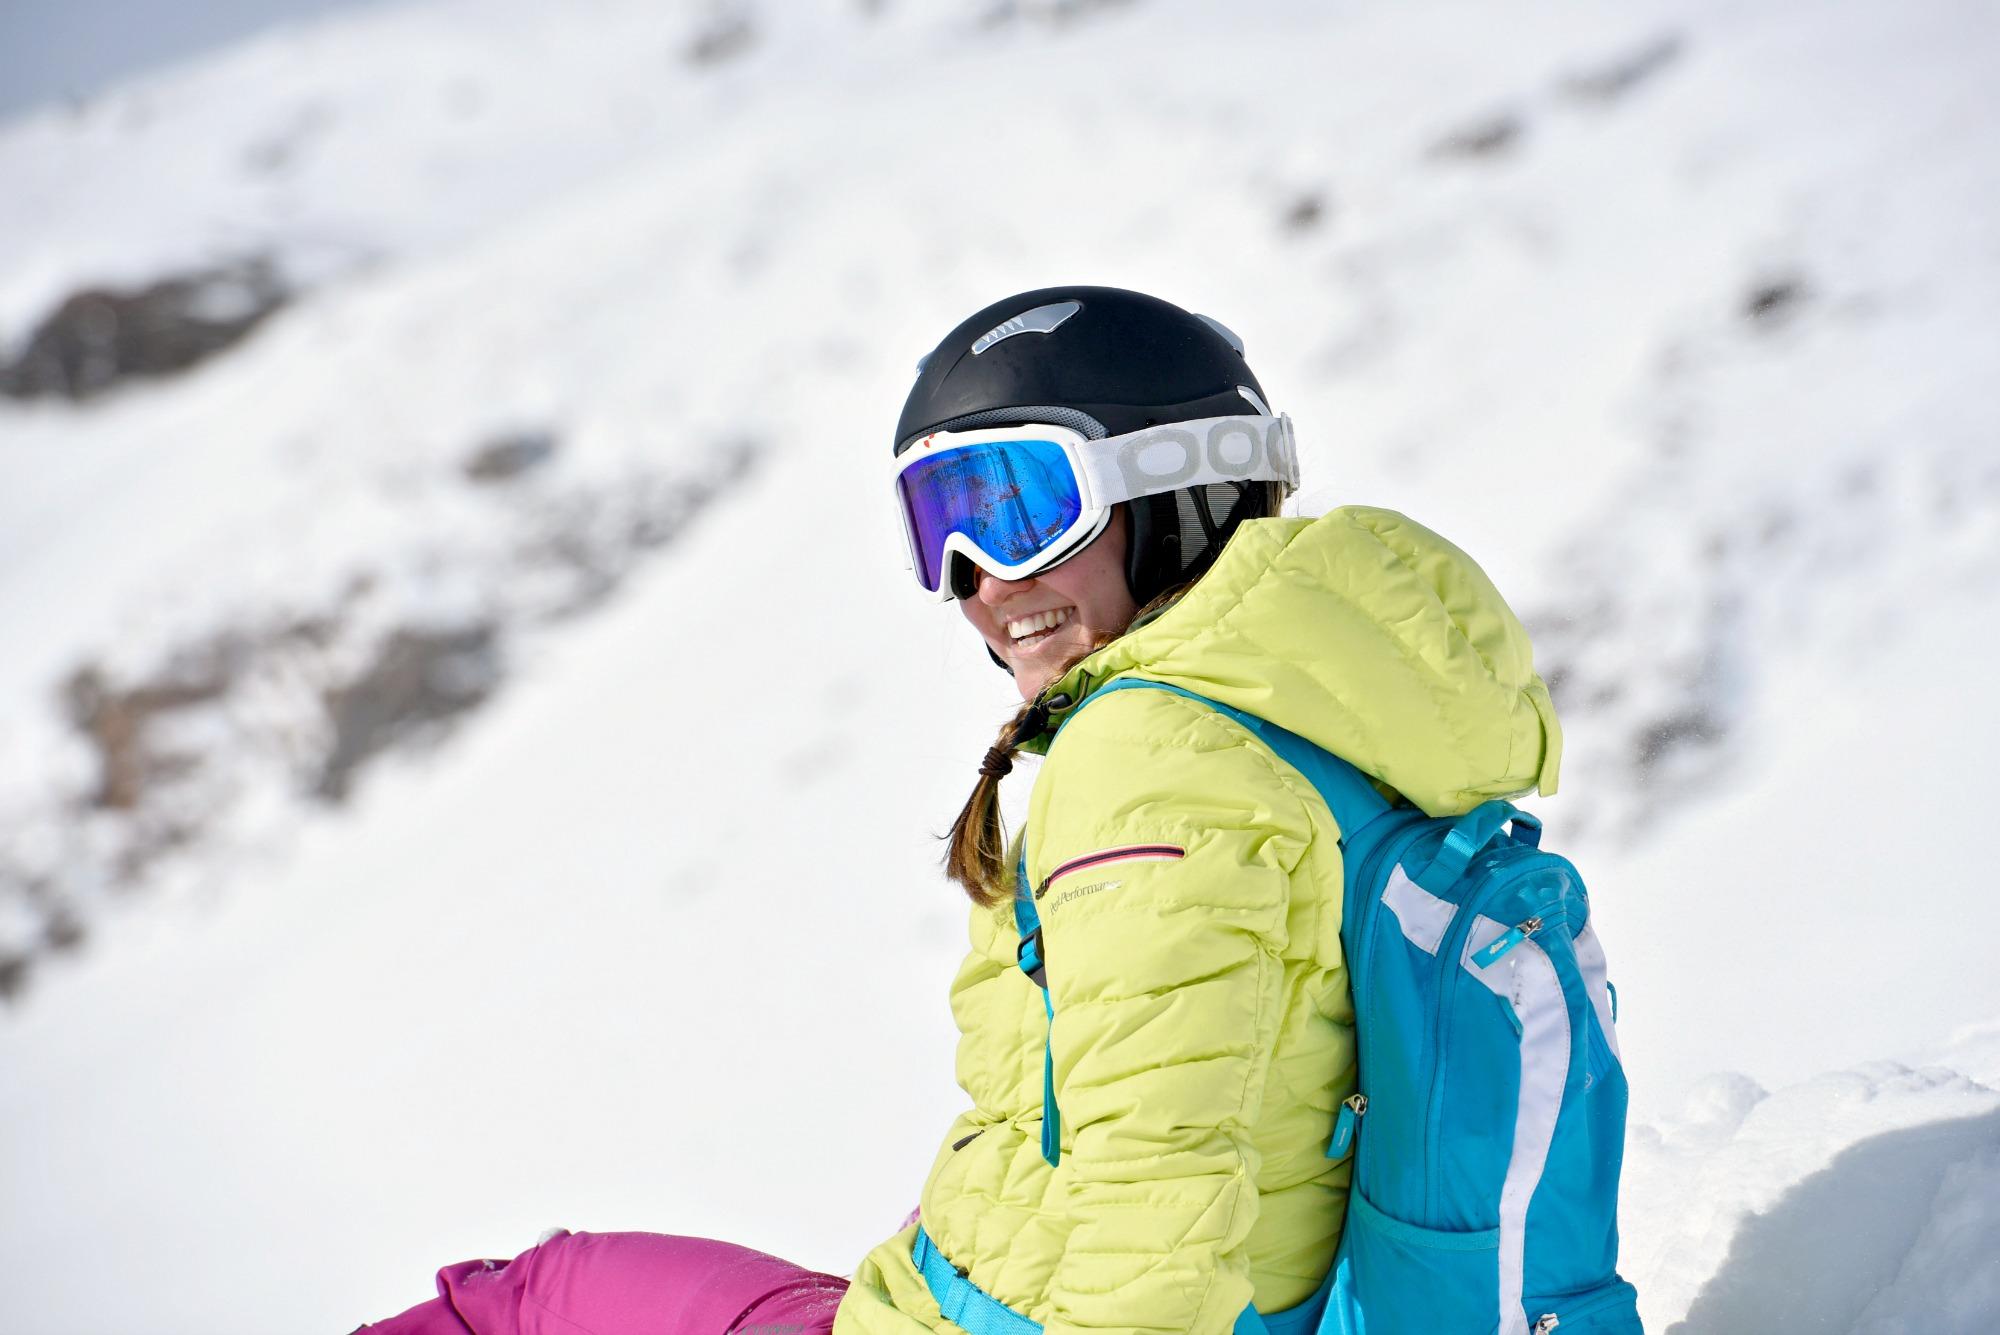 Fitnessblog-kästle-ski-klara-fuchs-österreich-blogger-sport-winter8